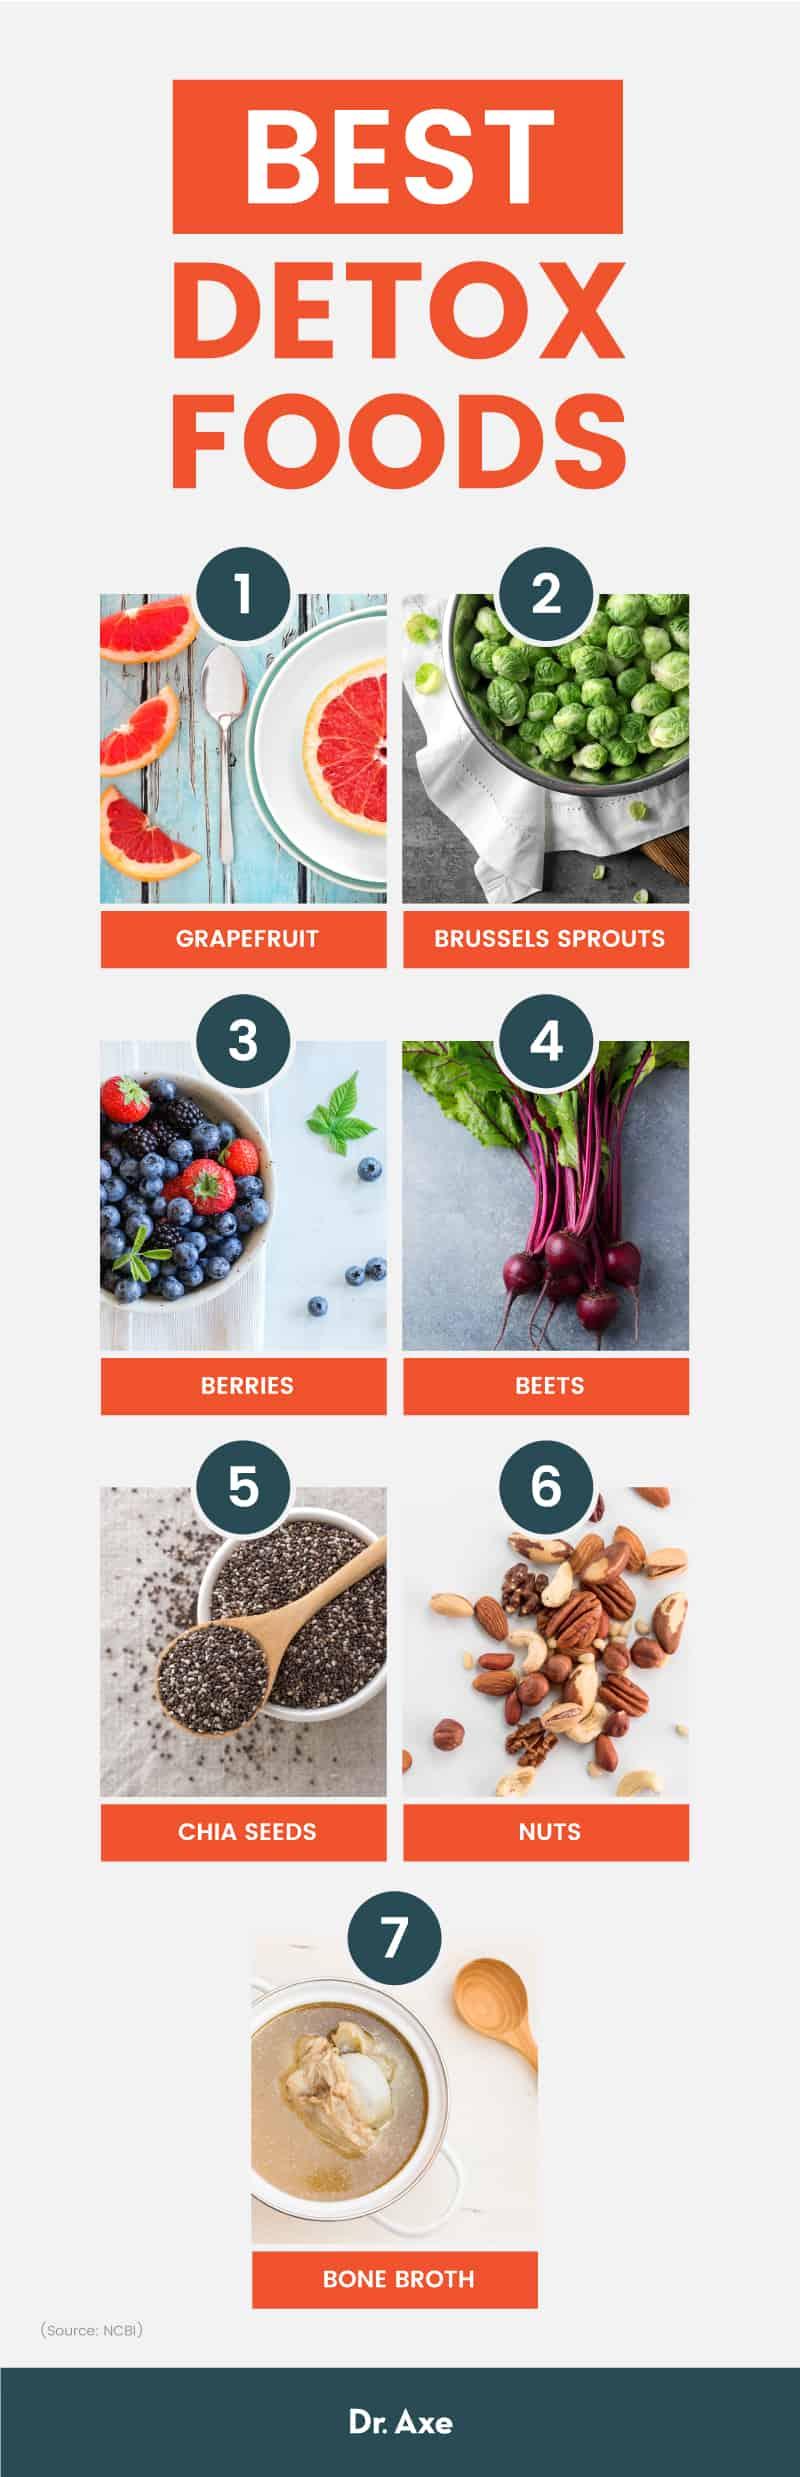 Detox diet foods - Dr. Axe